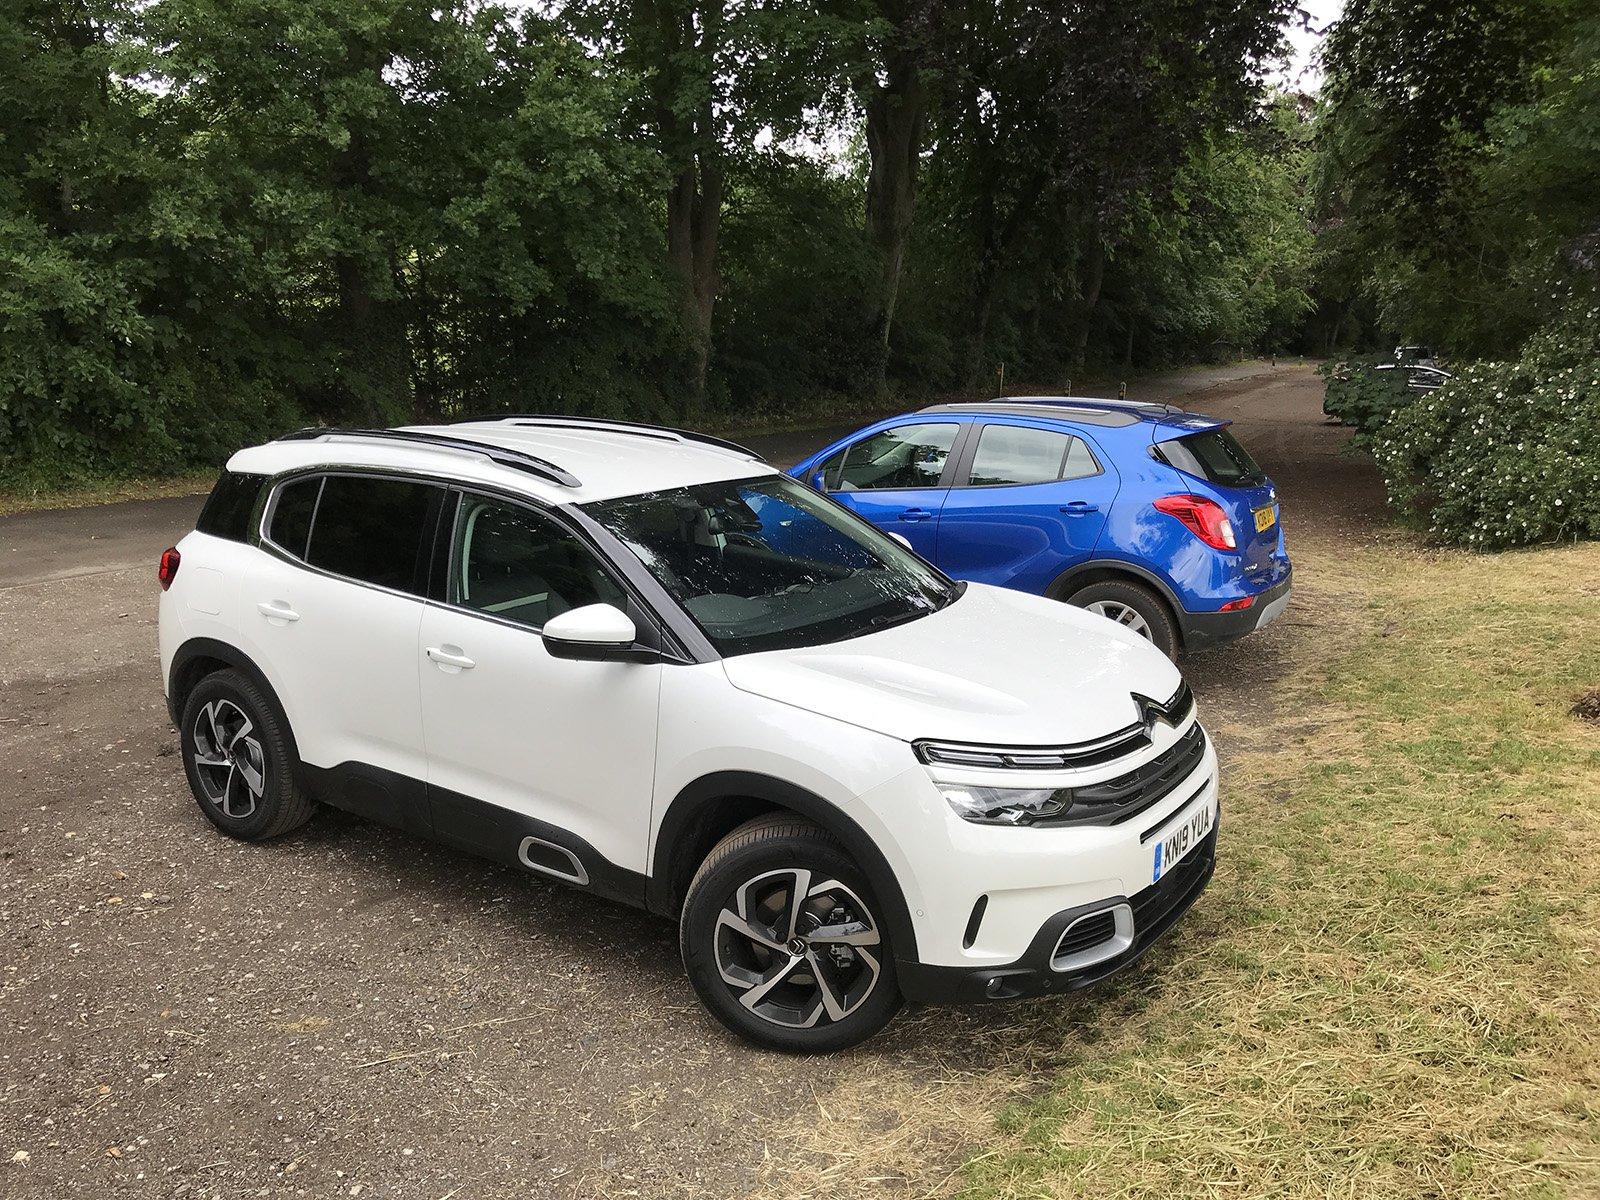 Citroën C5 Aircross long-term test review